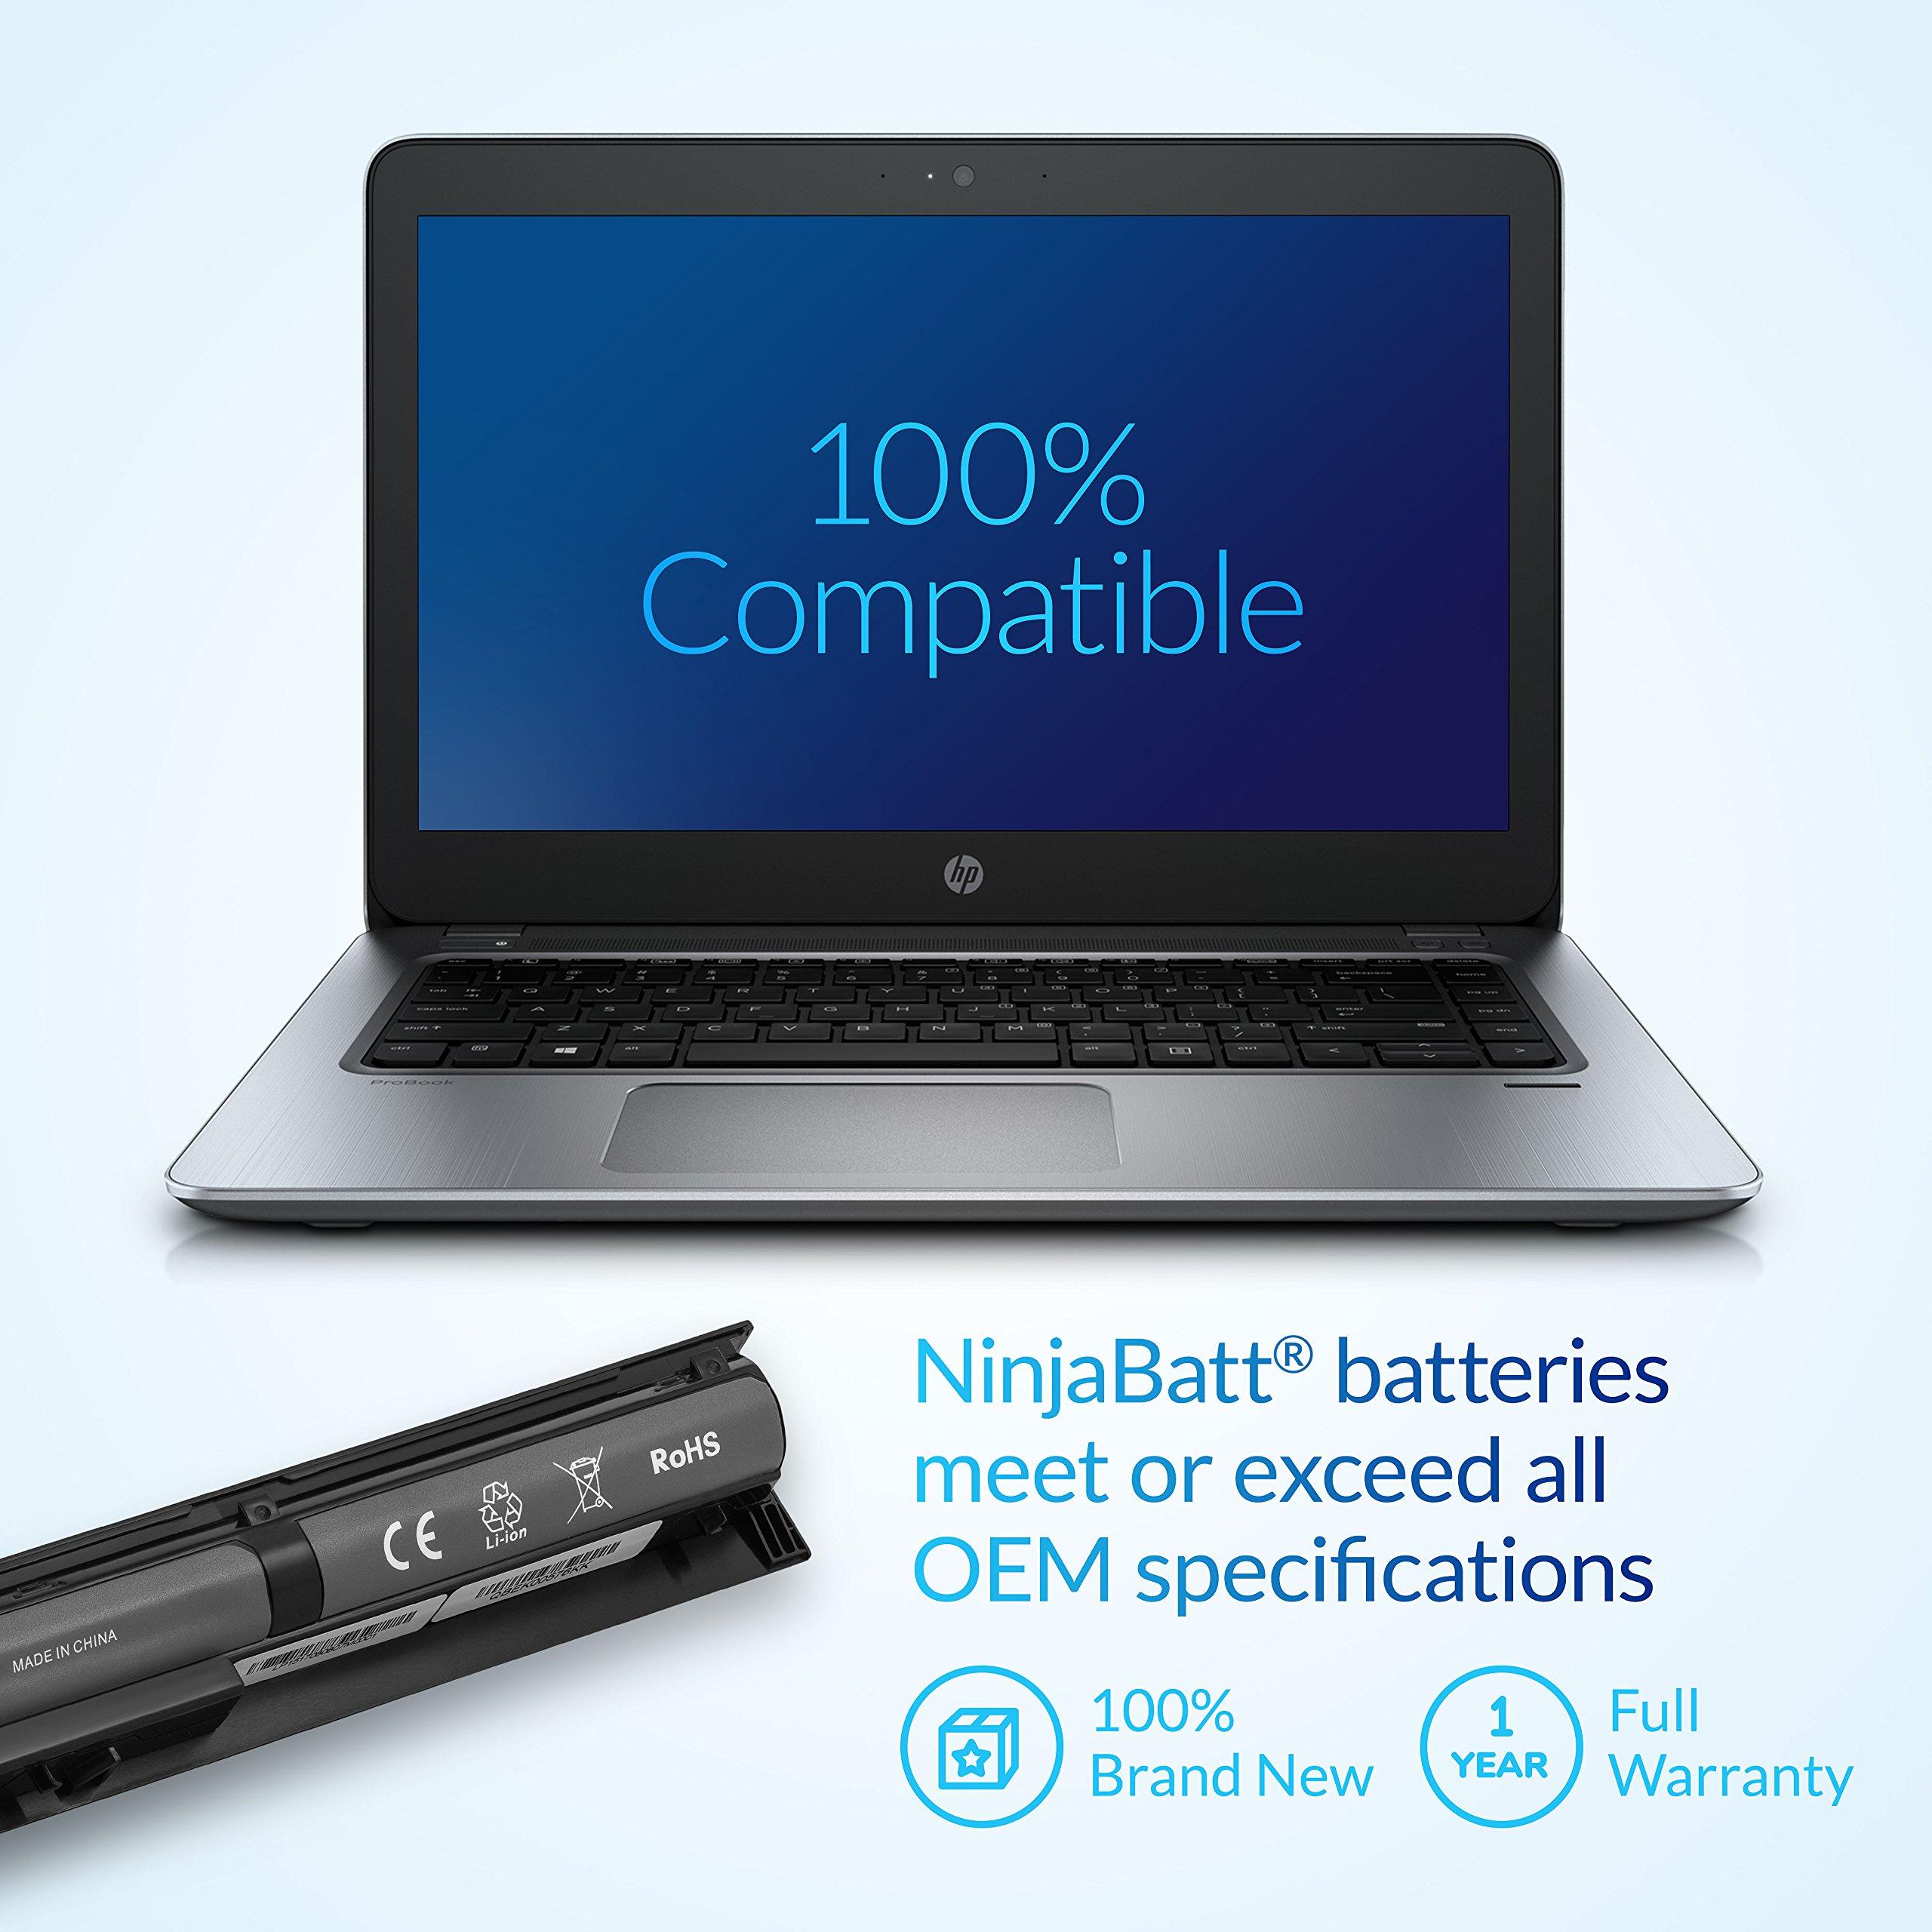 NinjaBatt Laptop Battery for HP VI04 756743-001 756745-001 756744-001 756478-851 ProBook 440 G2 450 G2 756478-421 756478-421 756478-422 756479-421 HSTNN-LB6I Envy 14 15 17 - [4 Cells/2200mAh] by NinjaBatt (Image #6)